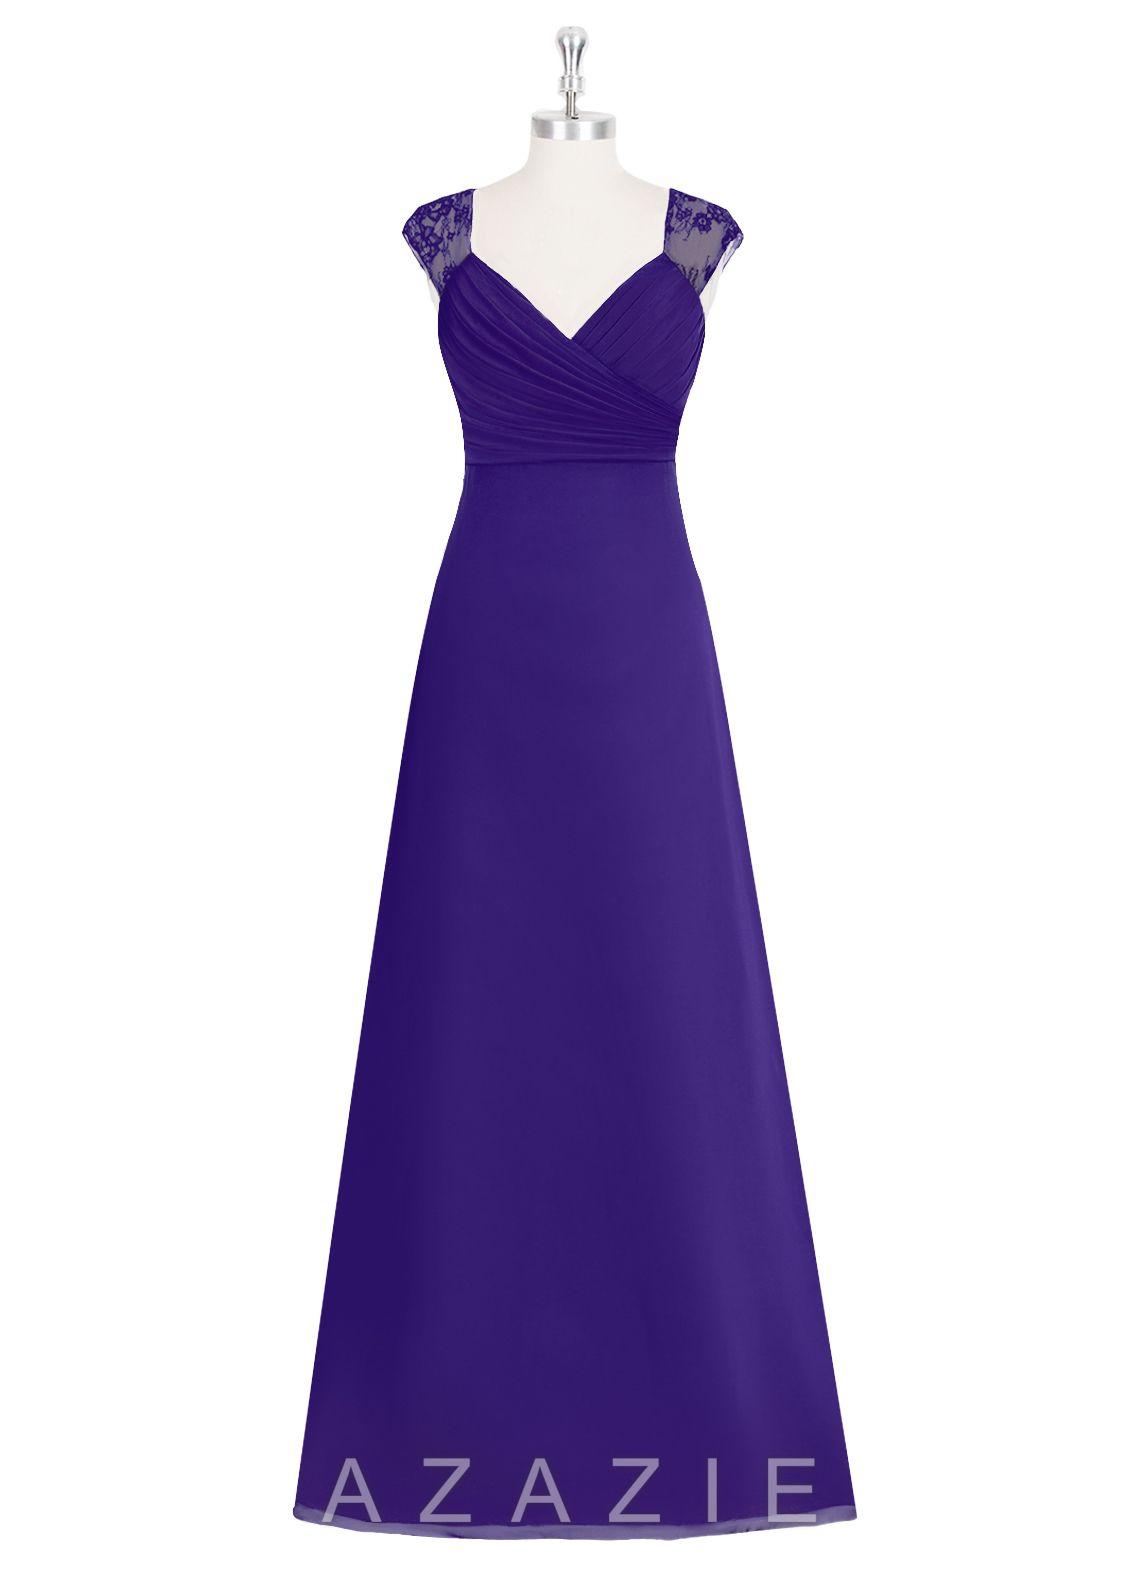 AZAZIE JAIDYN. The graceful floor-length bridesmaid dress by Azazie ...